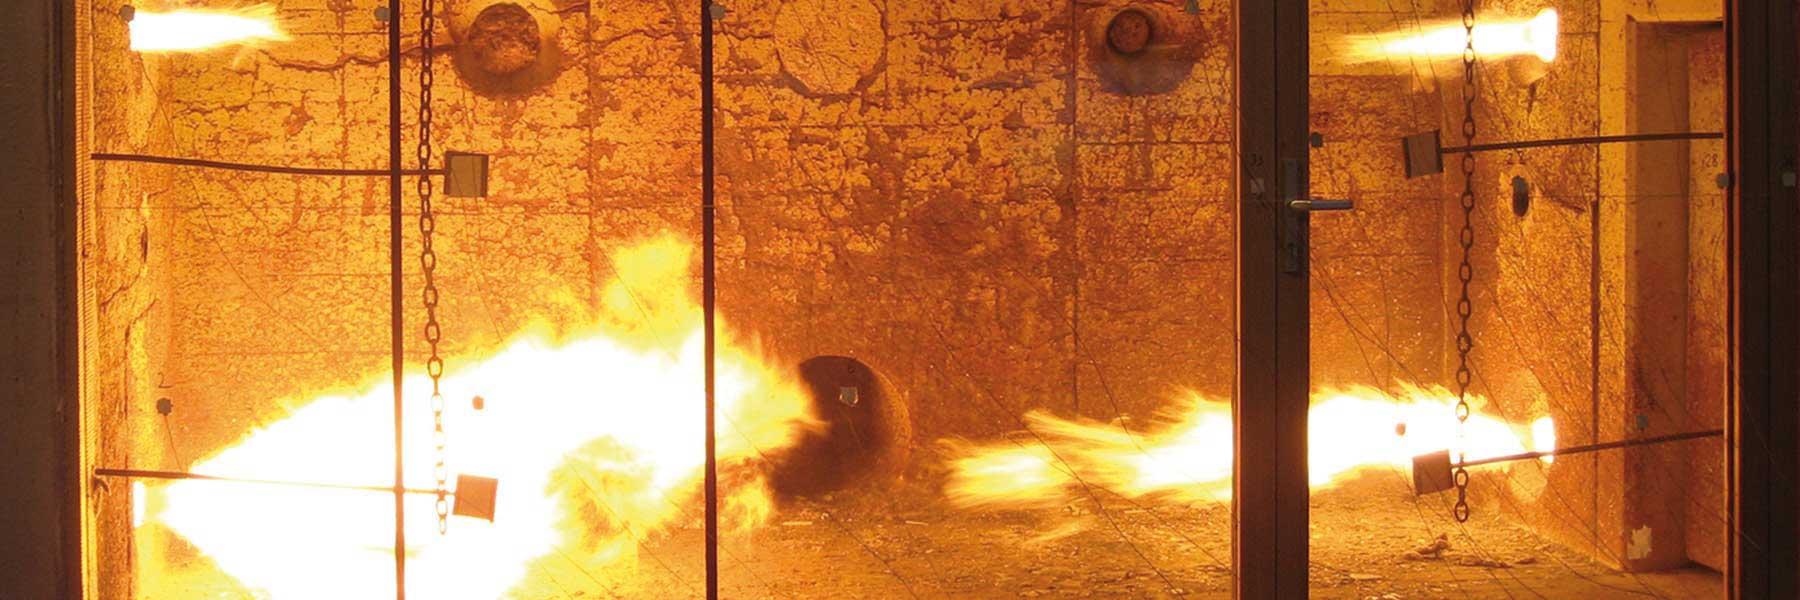 Brandschutzglas Kaufen Technische Daten Brandschutzprüfung Brandschutzportal Feuersicherheit Feuerschutzfenster Feuerschutztür